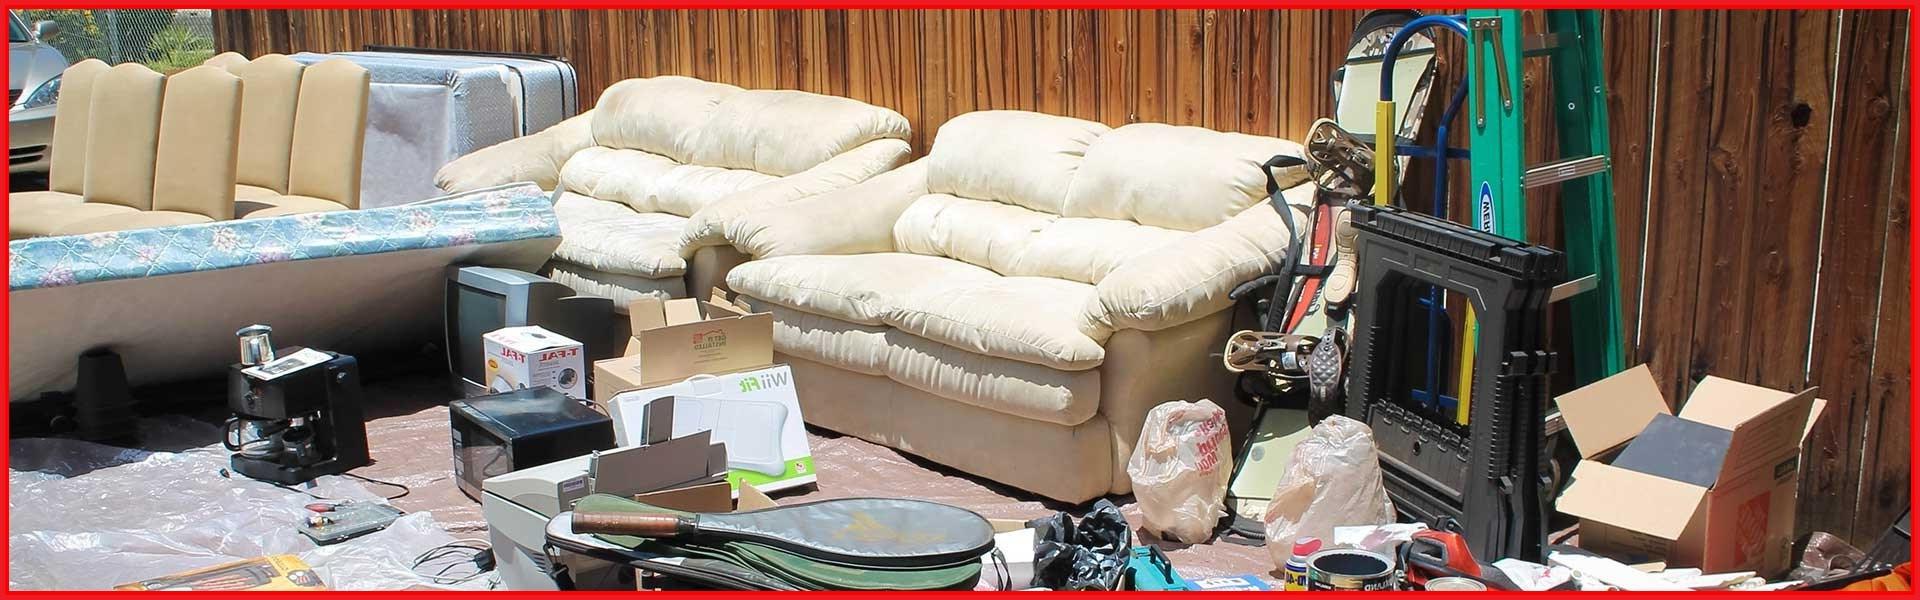 Recogida De Muebles Zaragoza H9d9 Recogida De Muebles Gratis Zaragoza Recogida De Juguetes Y Regalos